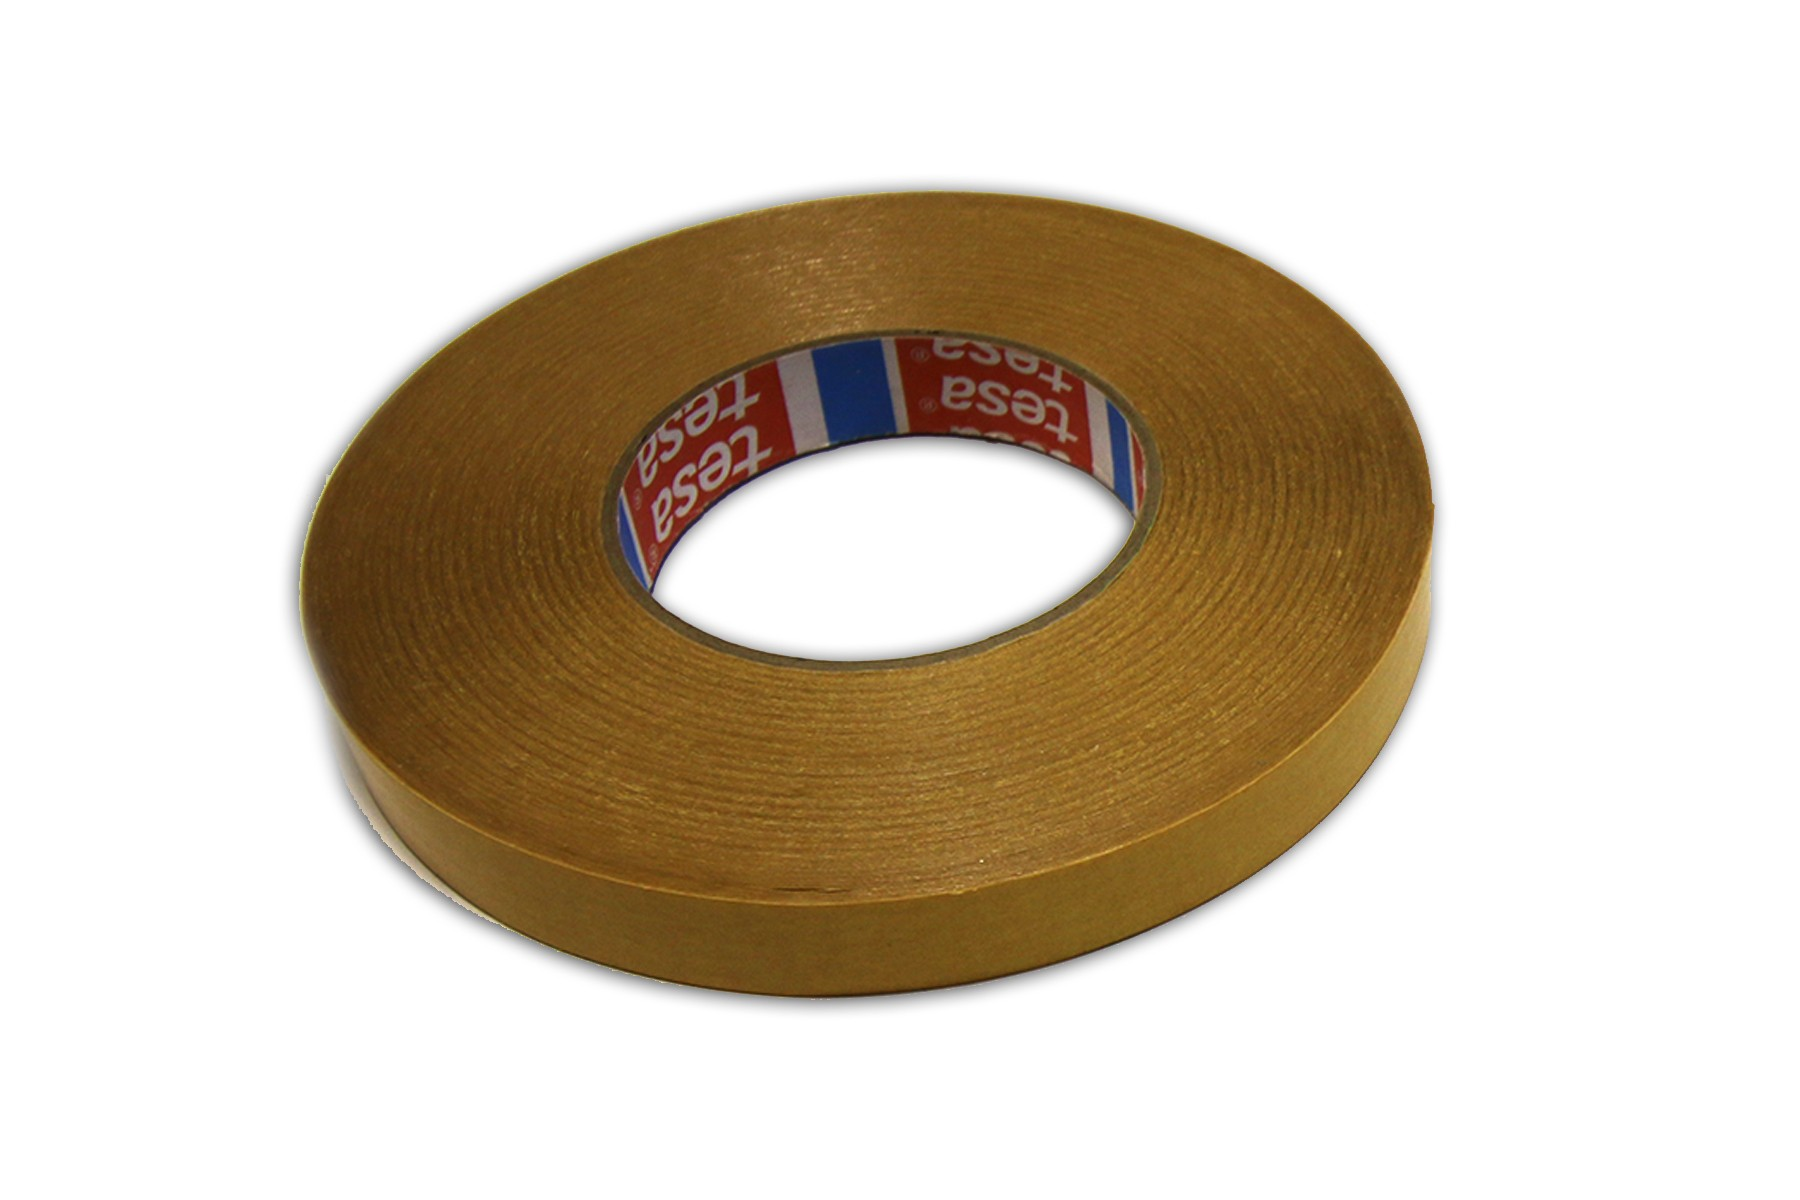 Tape, Tesa (Tuff) 19mm x 55m (3/4 in) -